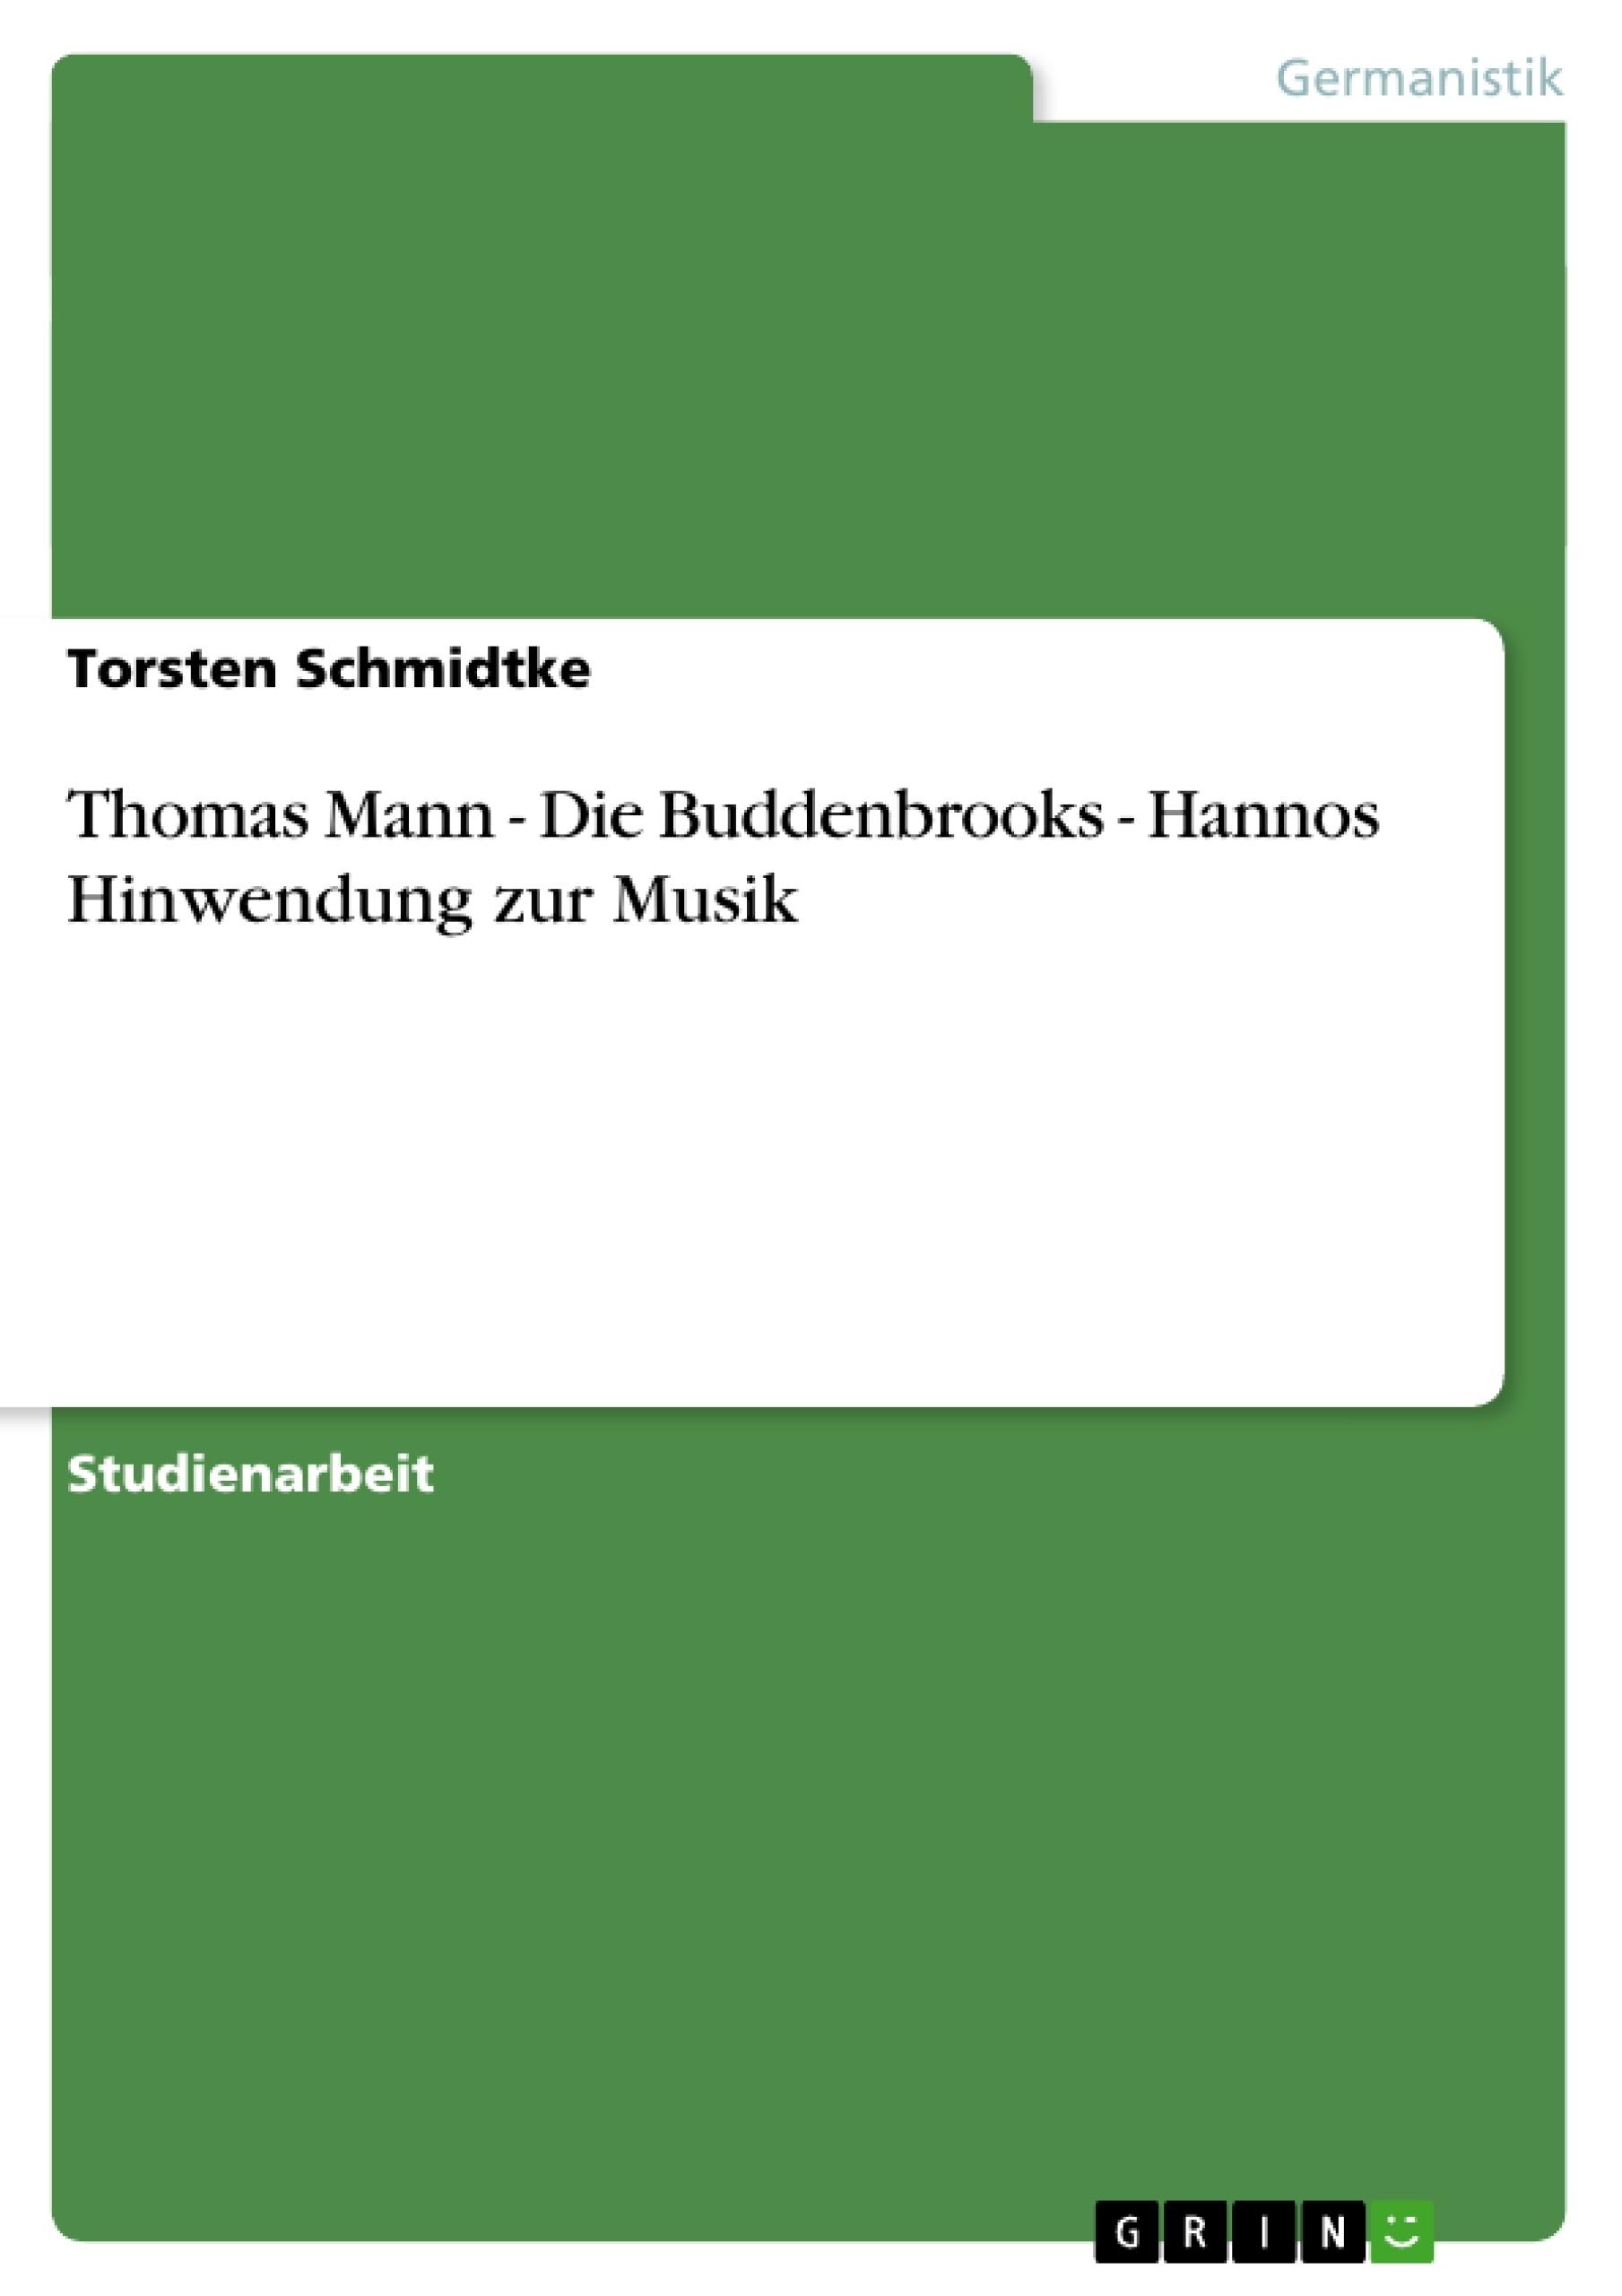 Titel: Thomas Mann - Die Buddenbrooks - Hannos Hinwendung zur Musik